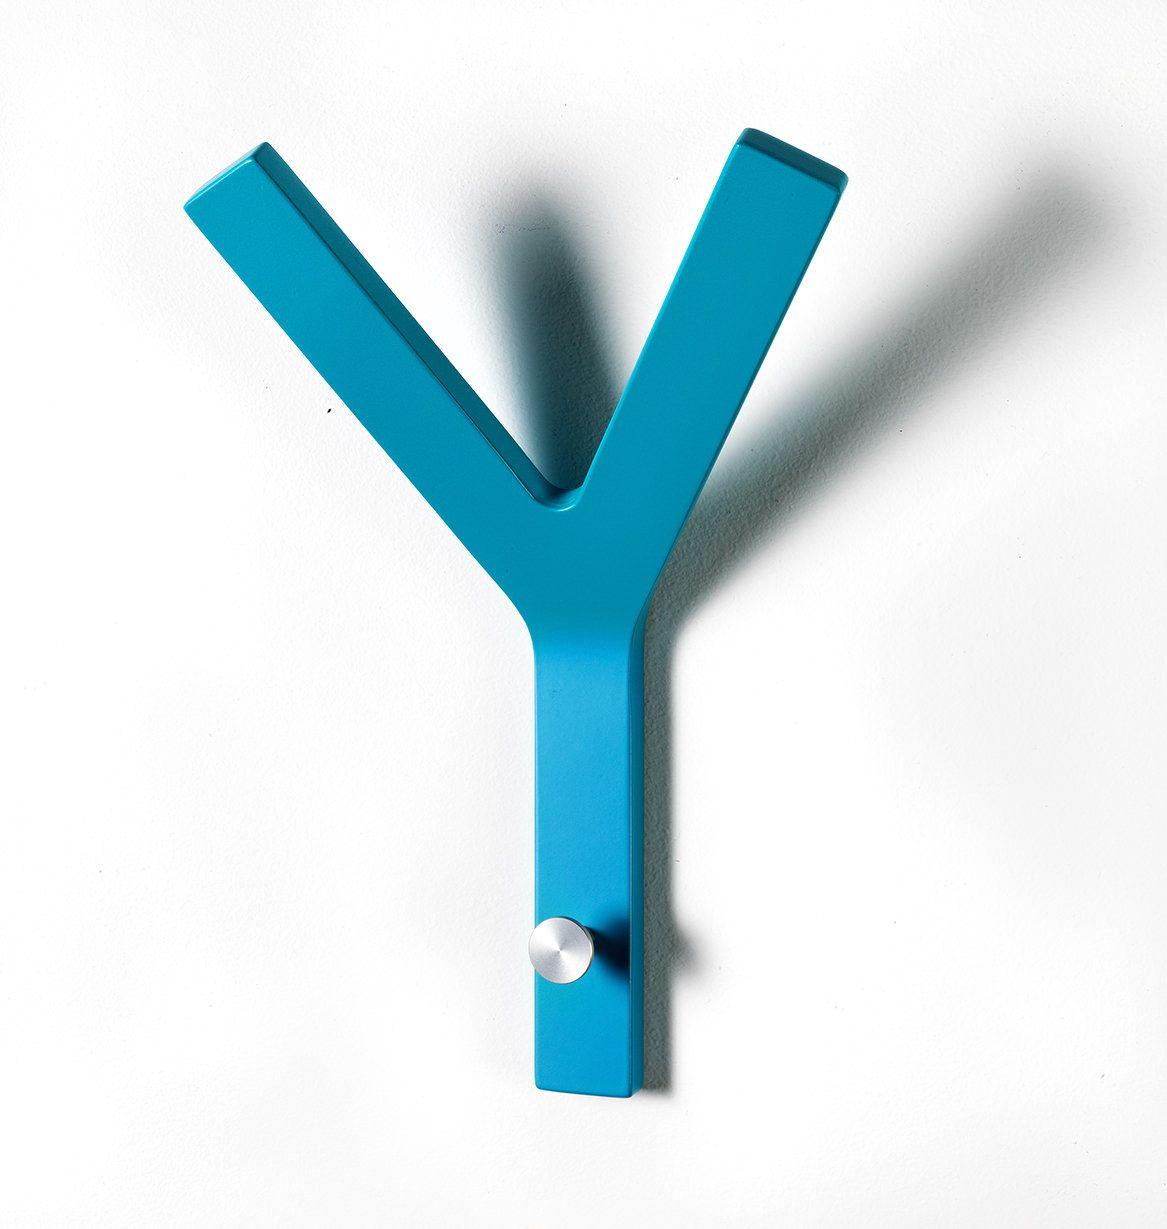 Milano Y-knage - Turkis knage til flere frakker